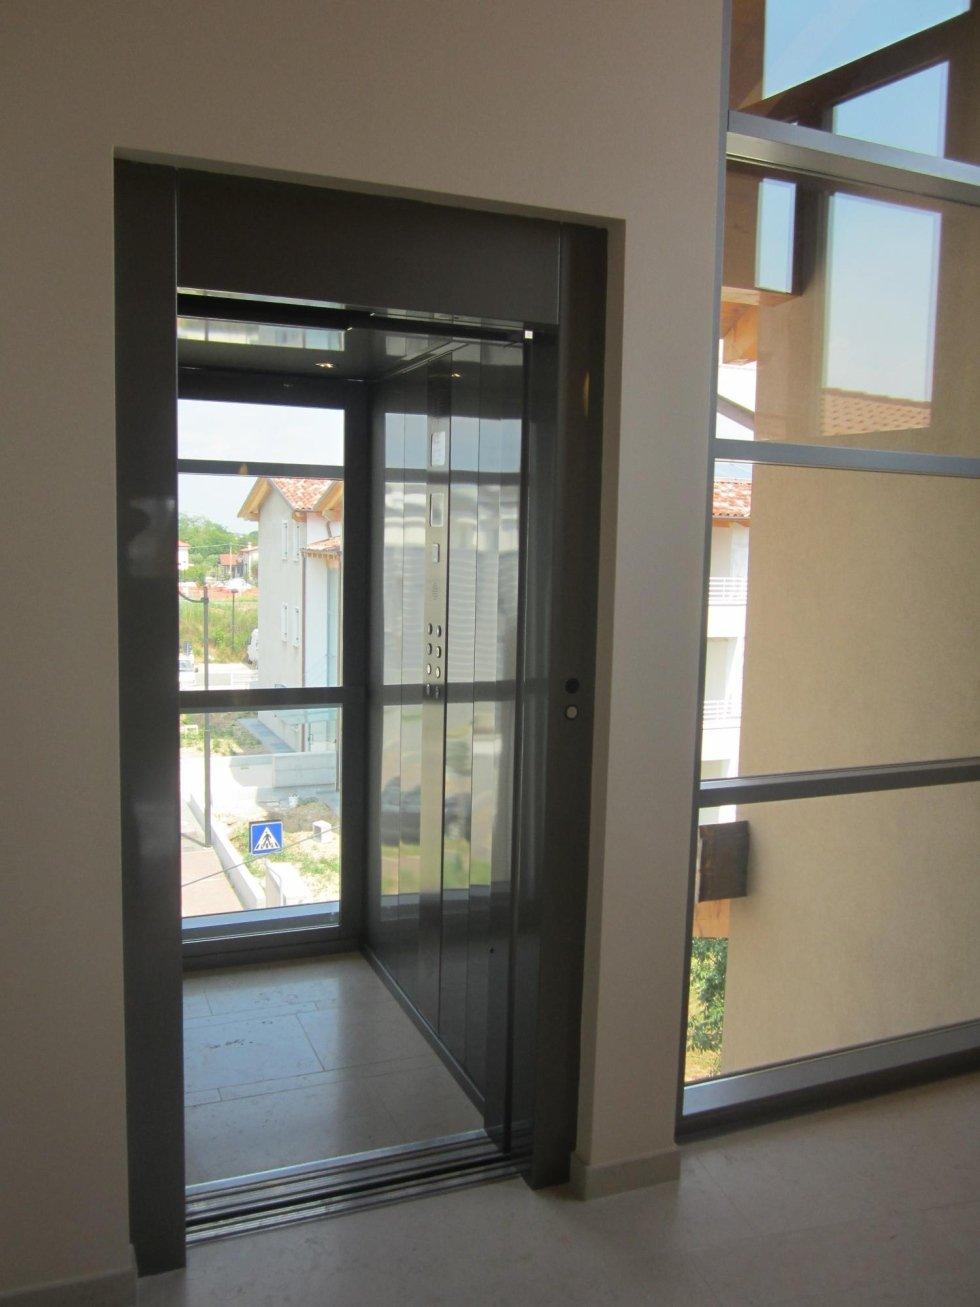 cabina ascensore con parete di fondo in vetro